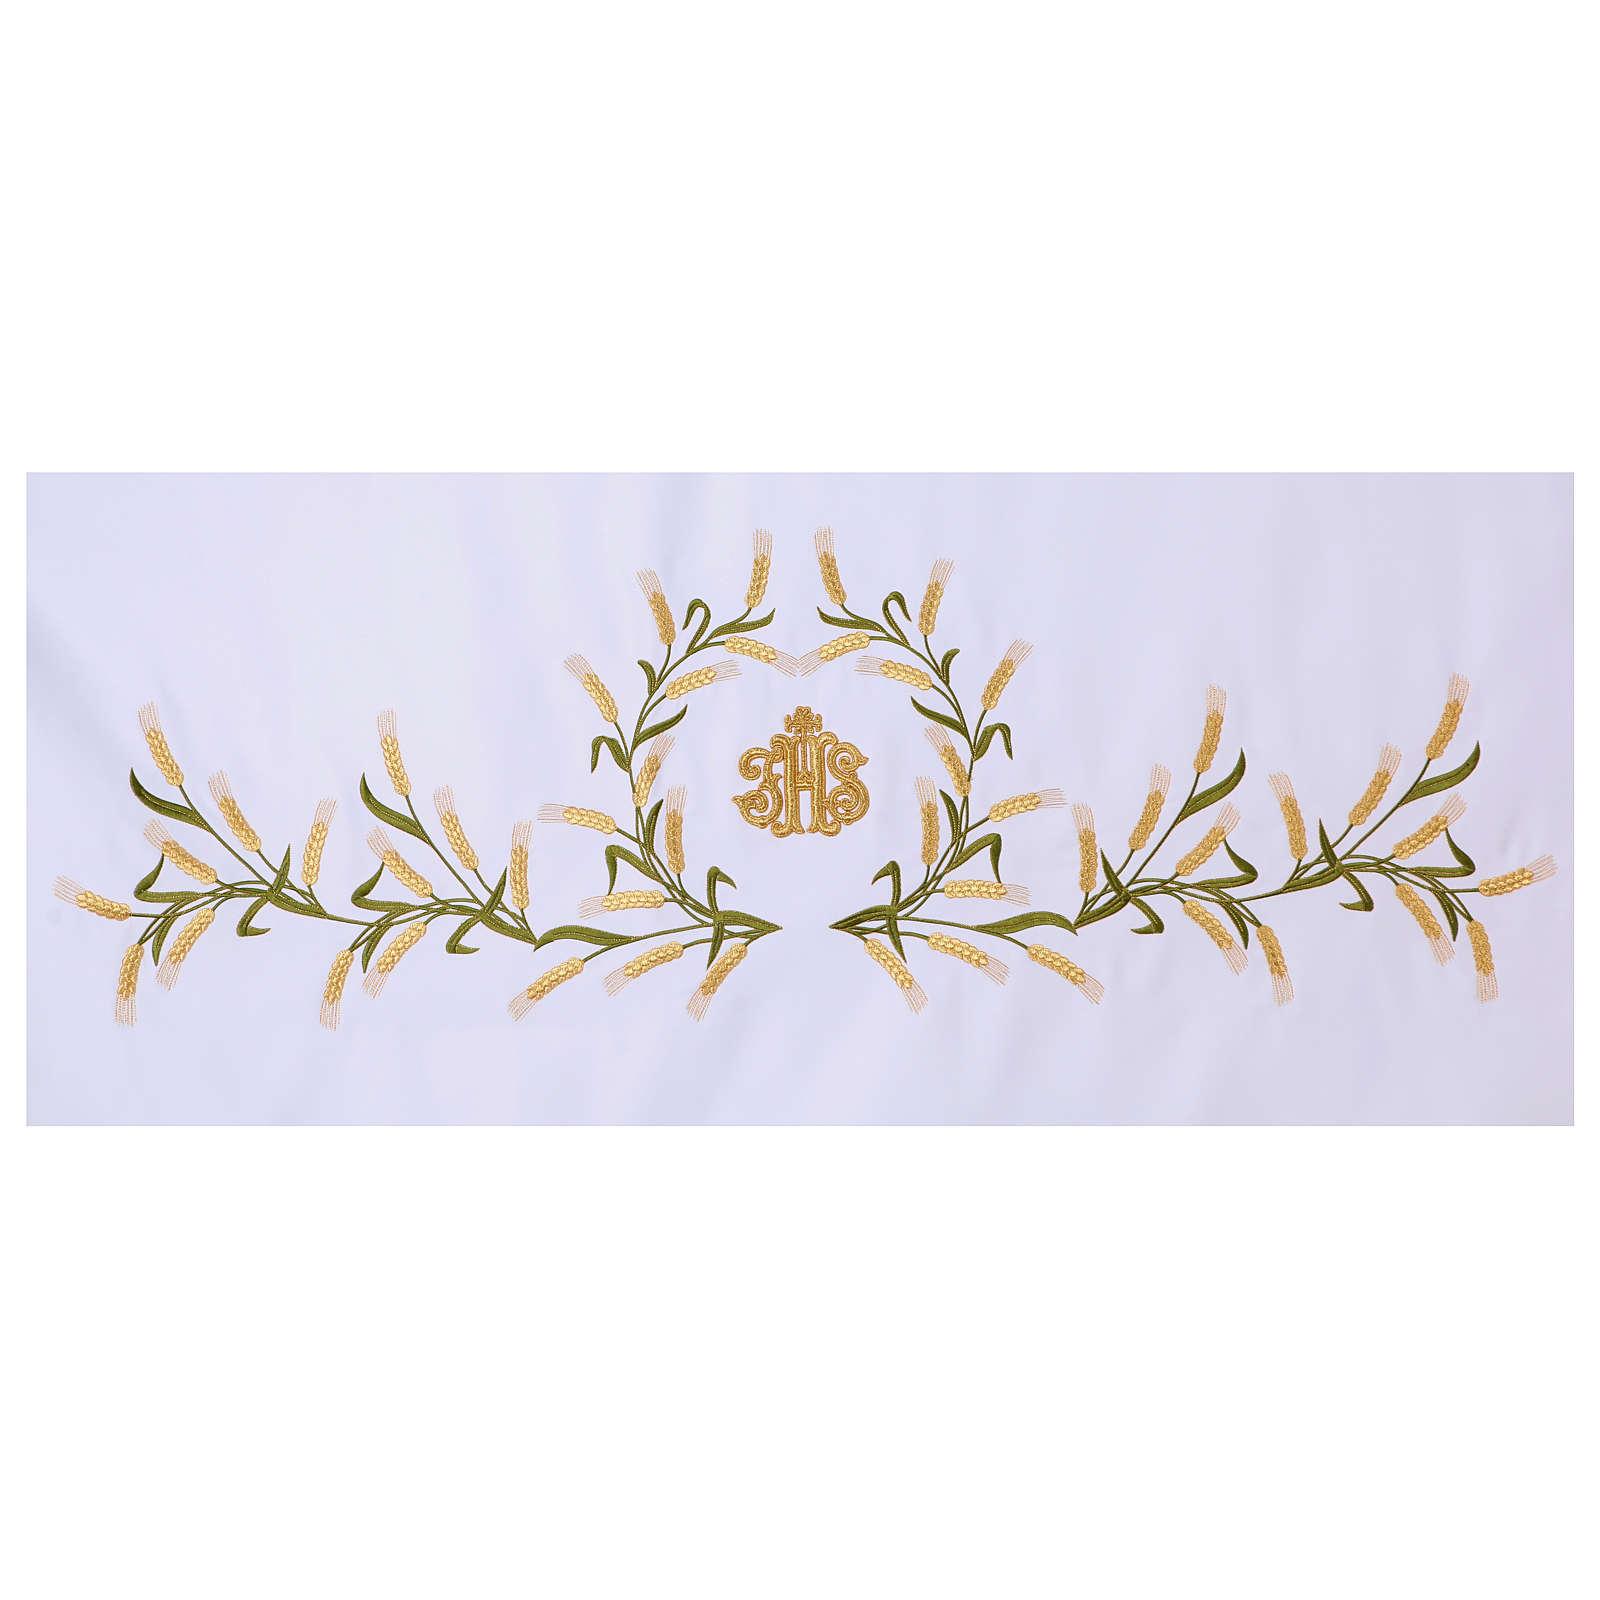 Tovaglia per altare 165x300 cm spighe di grano verdi e dorate 4